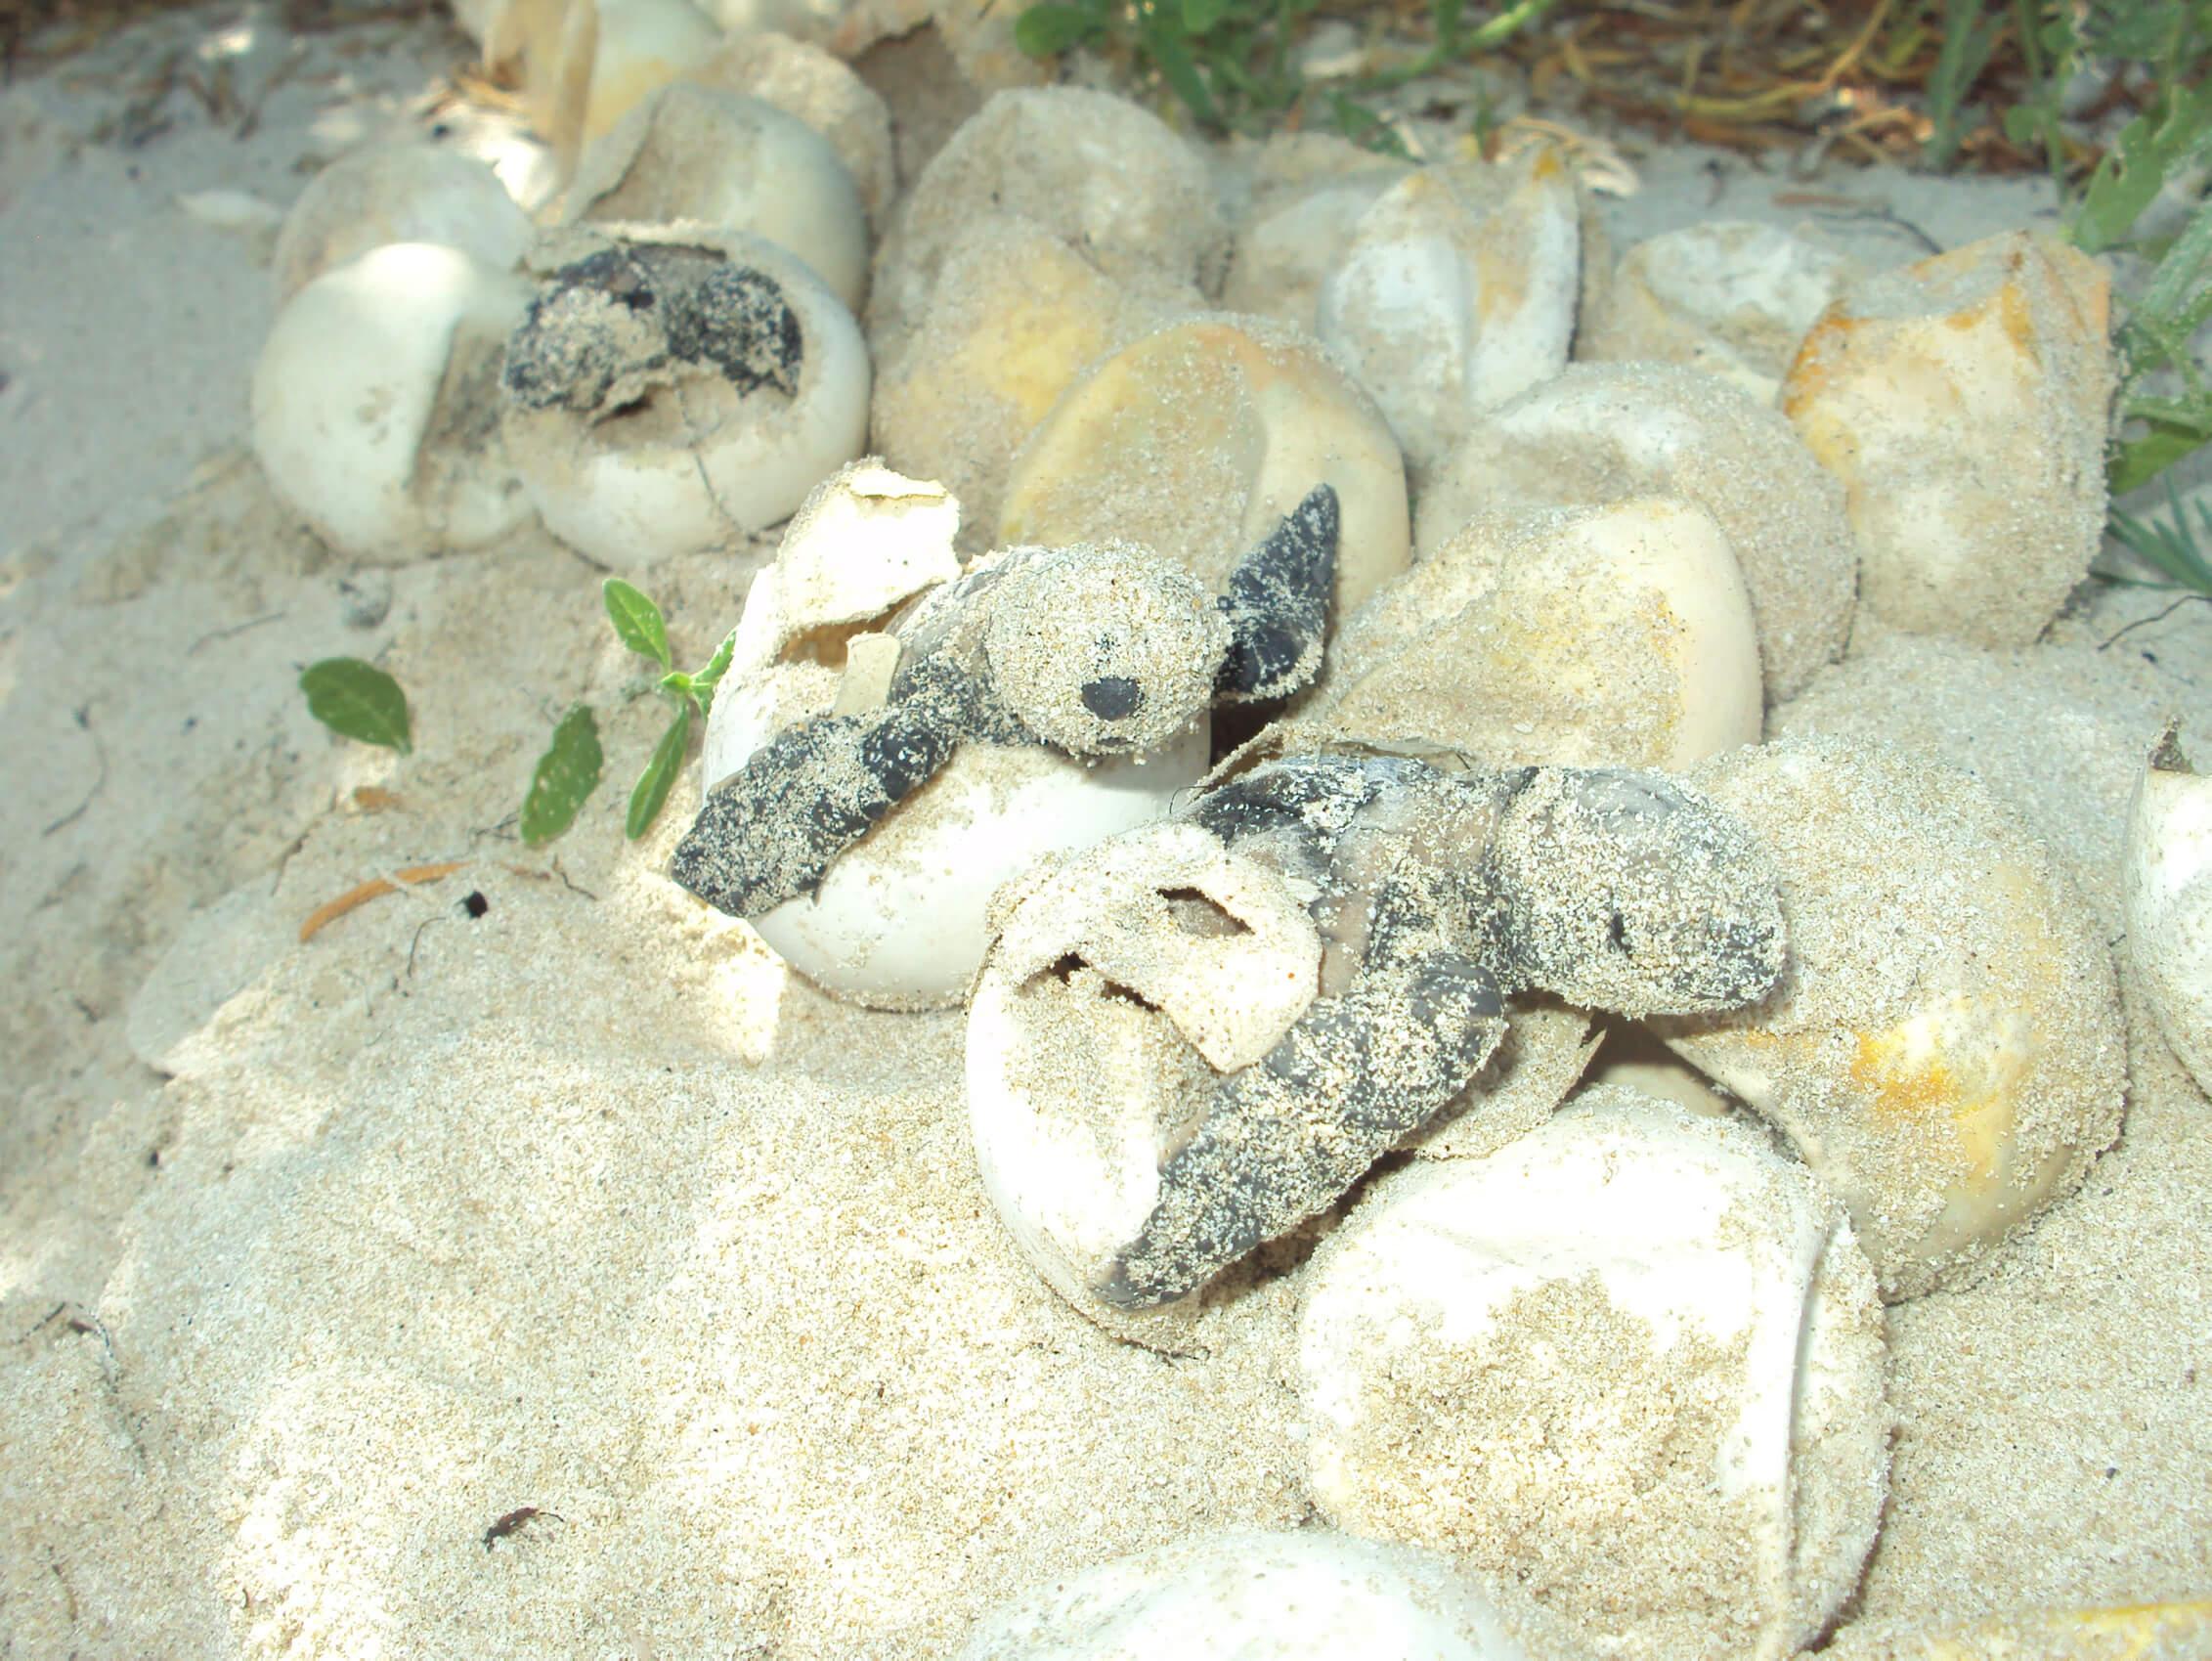 Recupera PF 5 mil huevos de tortuga en Oaxaca